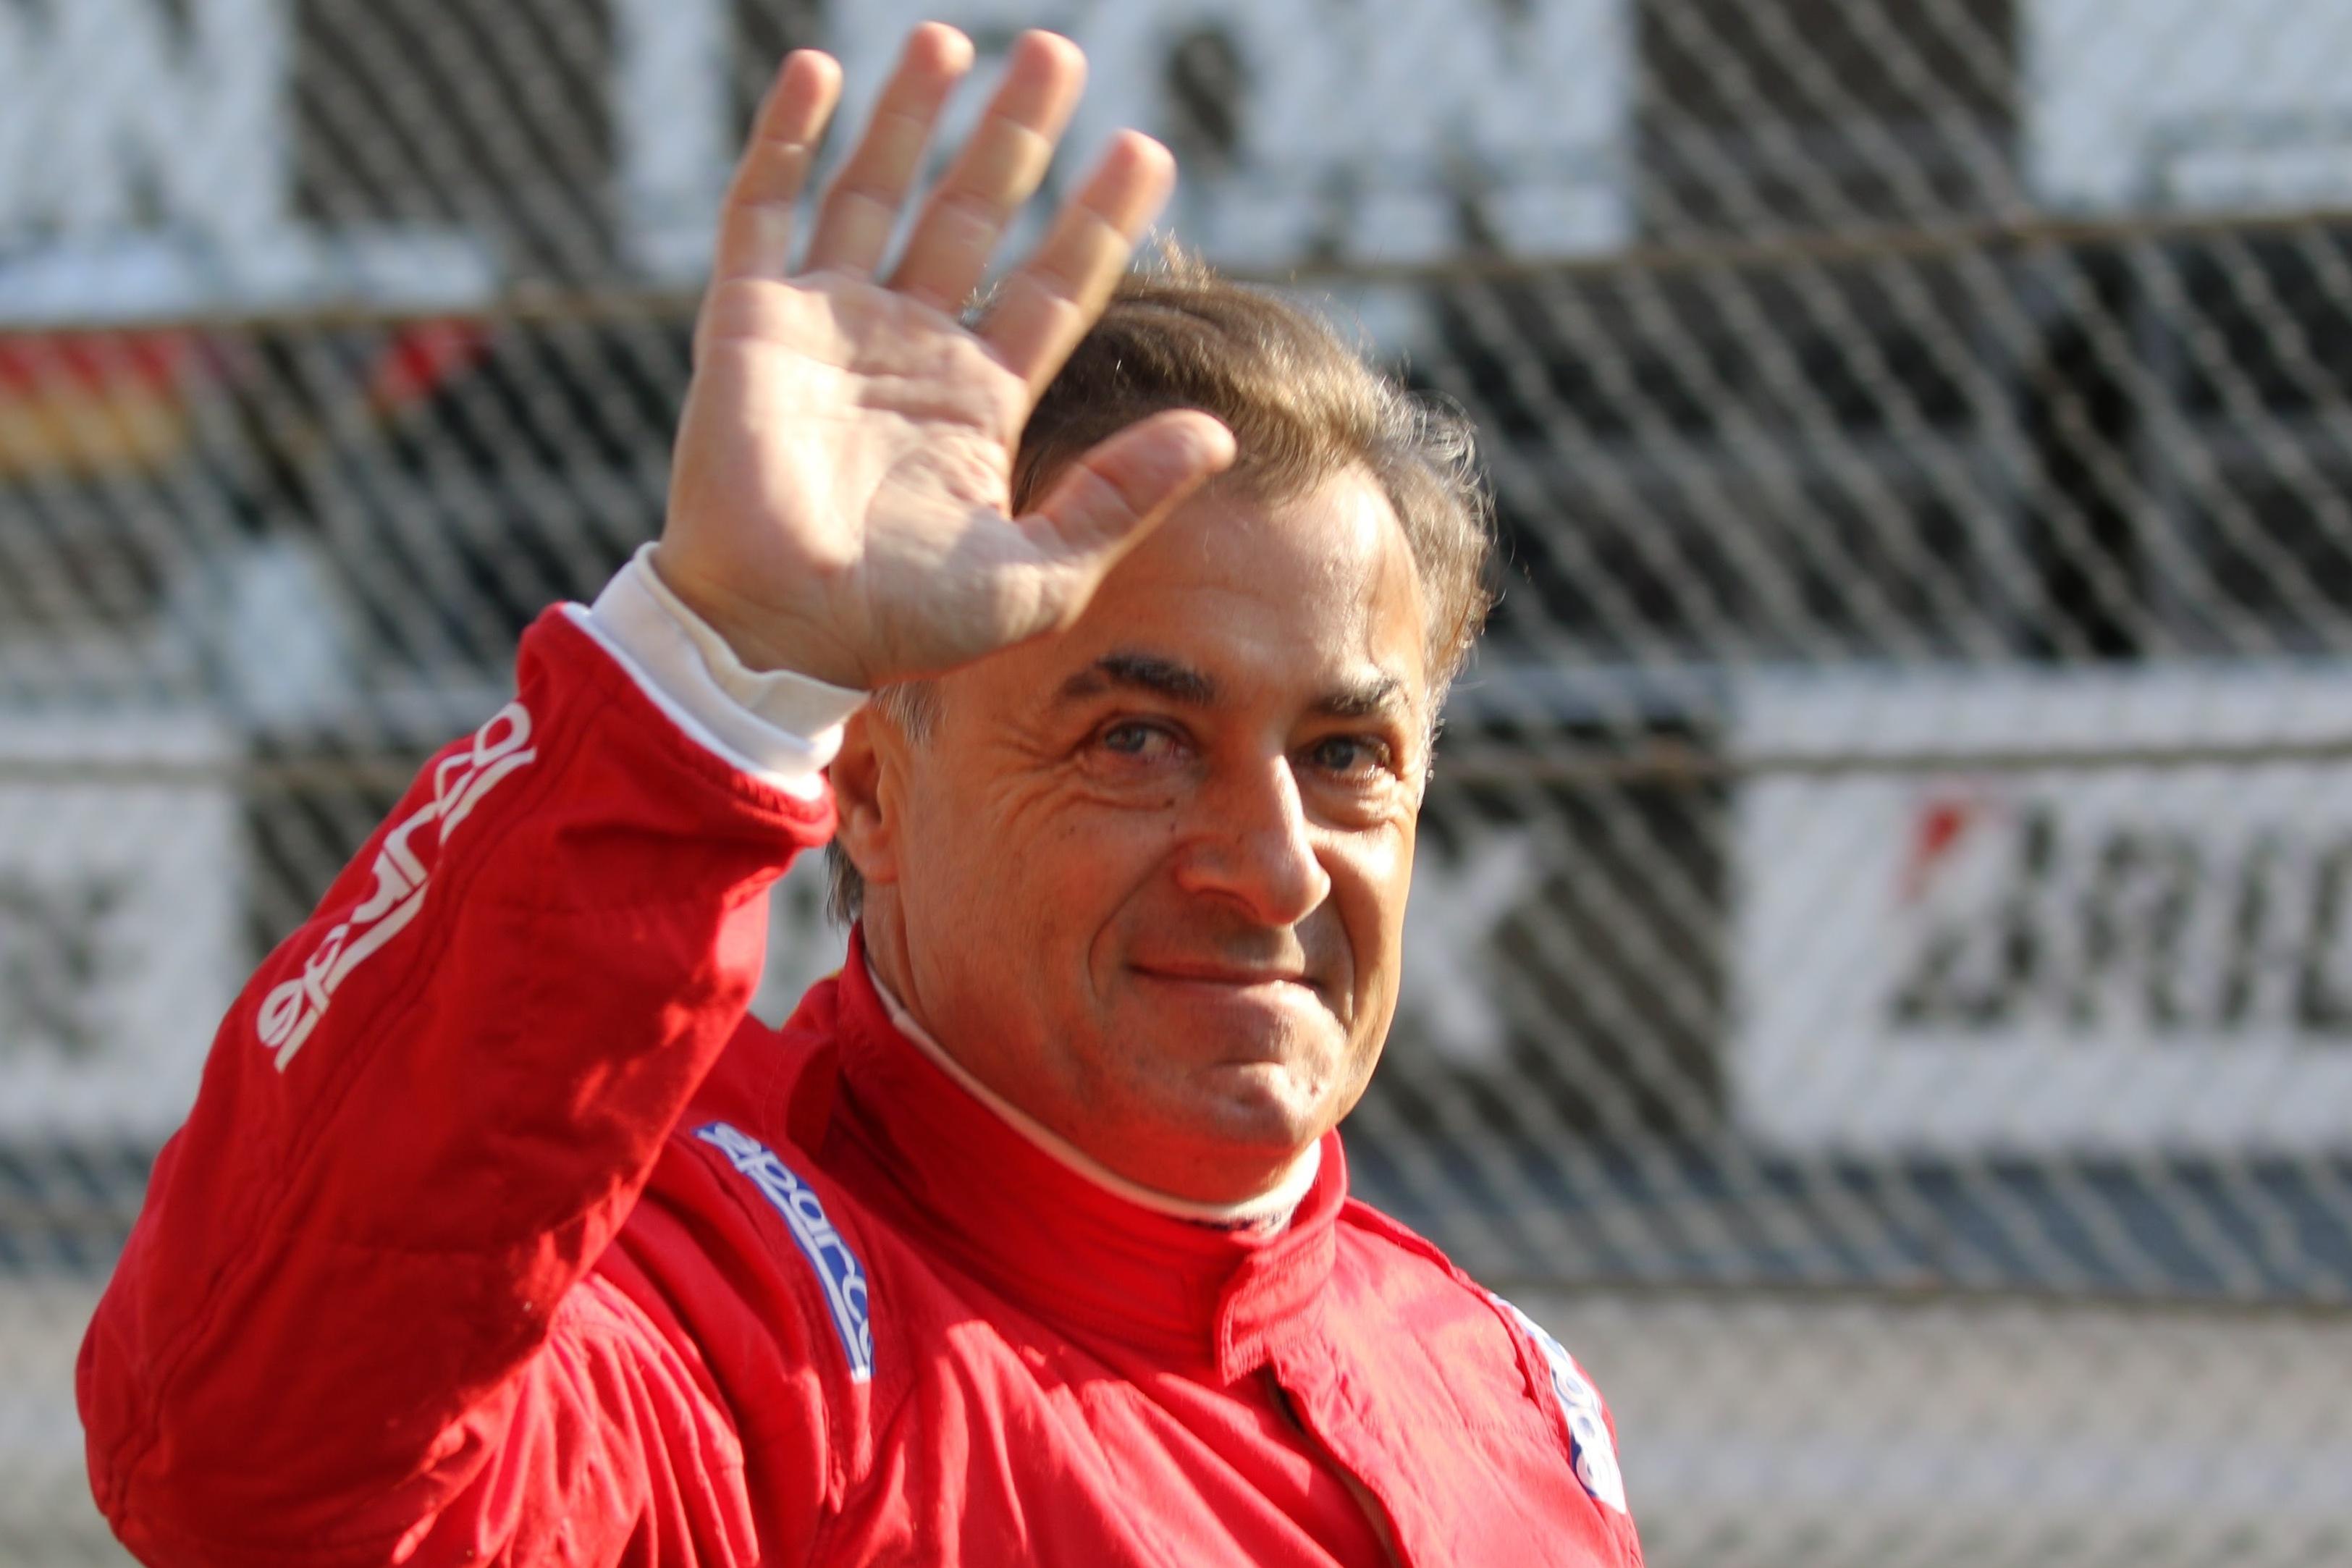 元F1ドライバーのジャン・アレジ